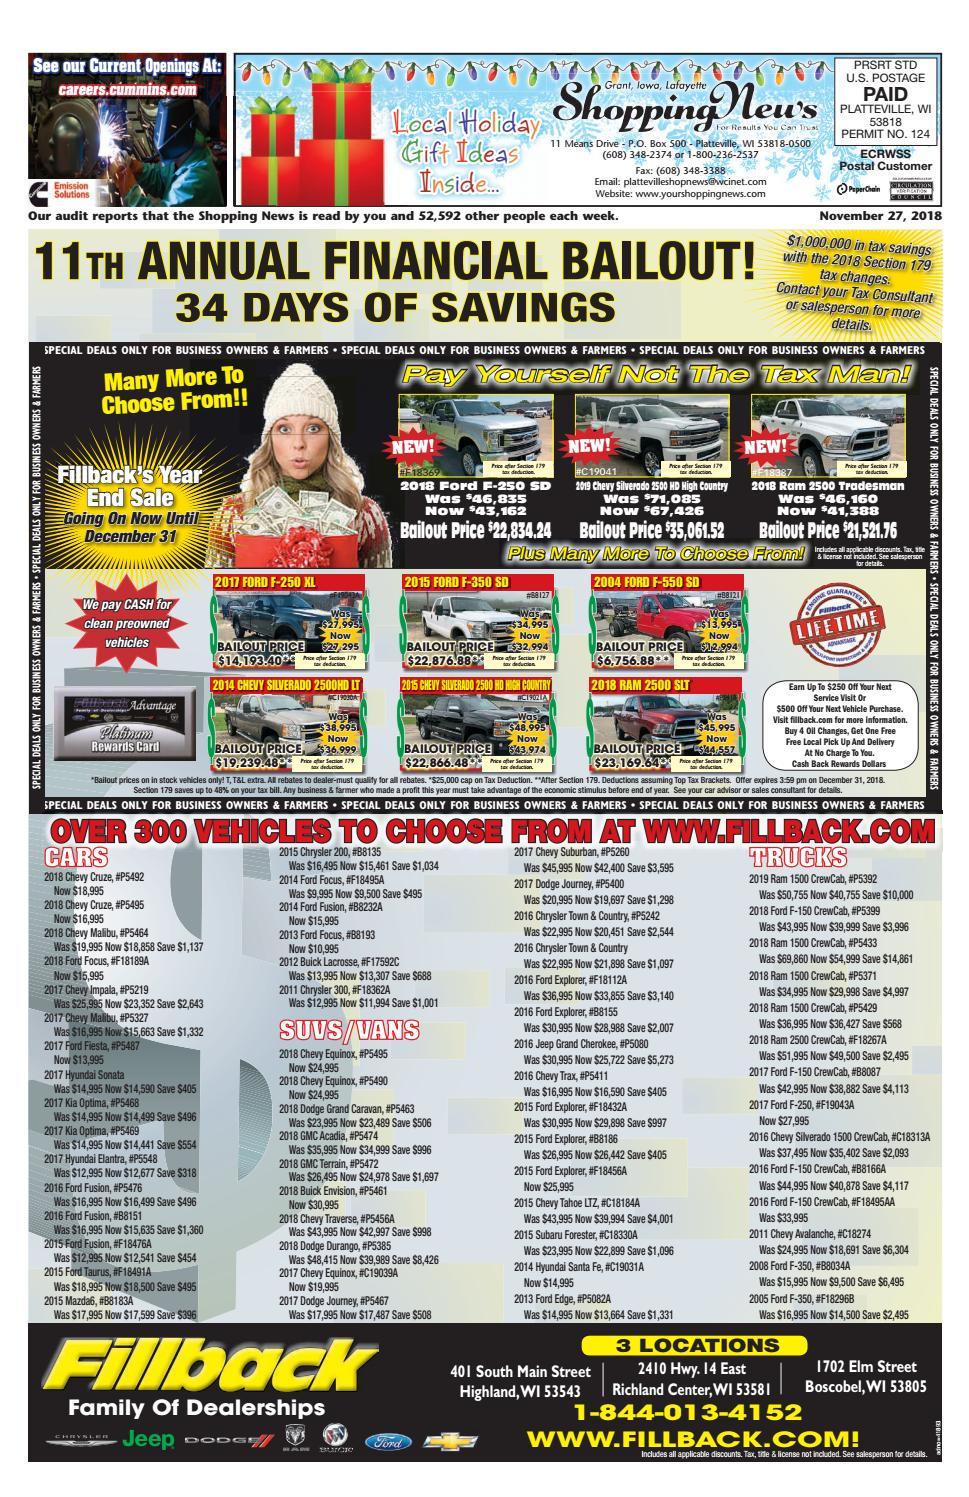 67bfff4ddf5 GIL Shopping News 11-27 by Woodward Community Media - issuu